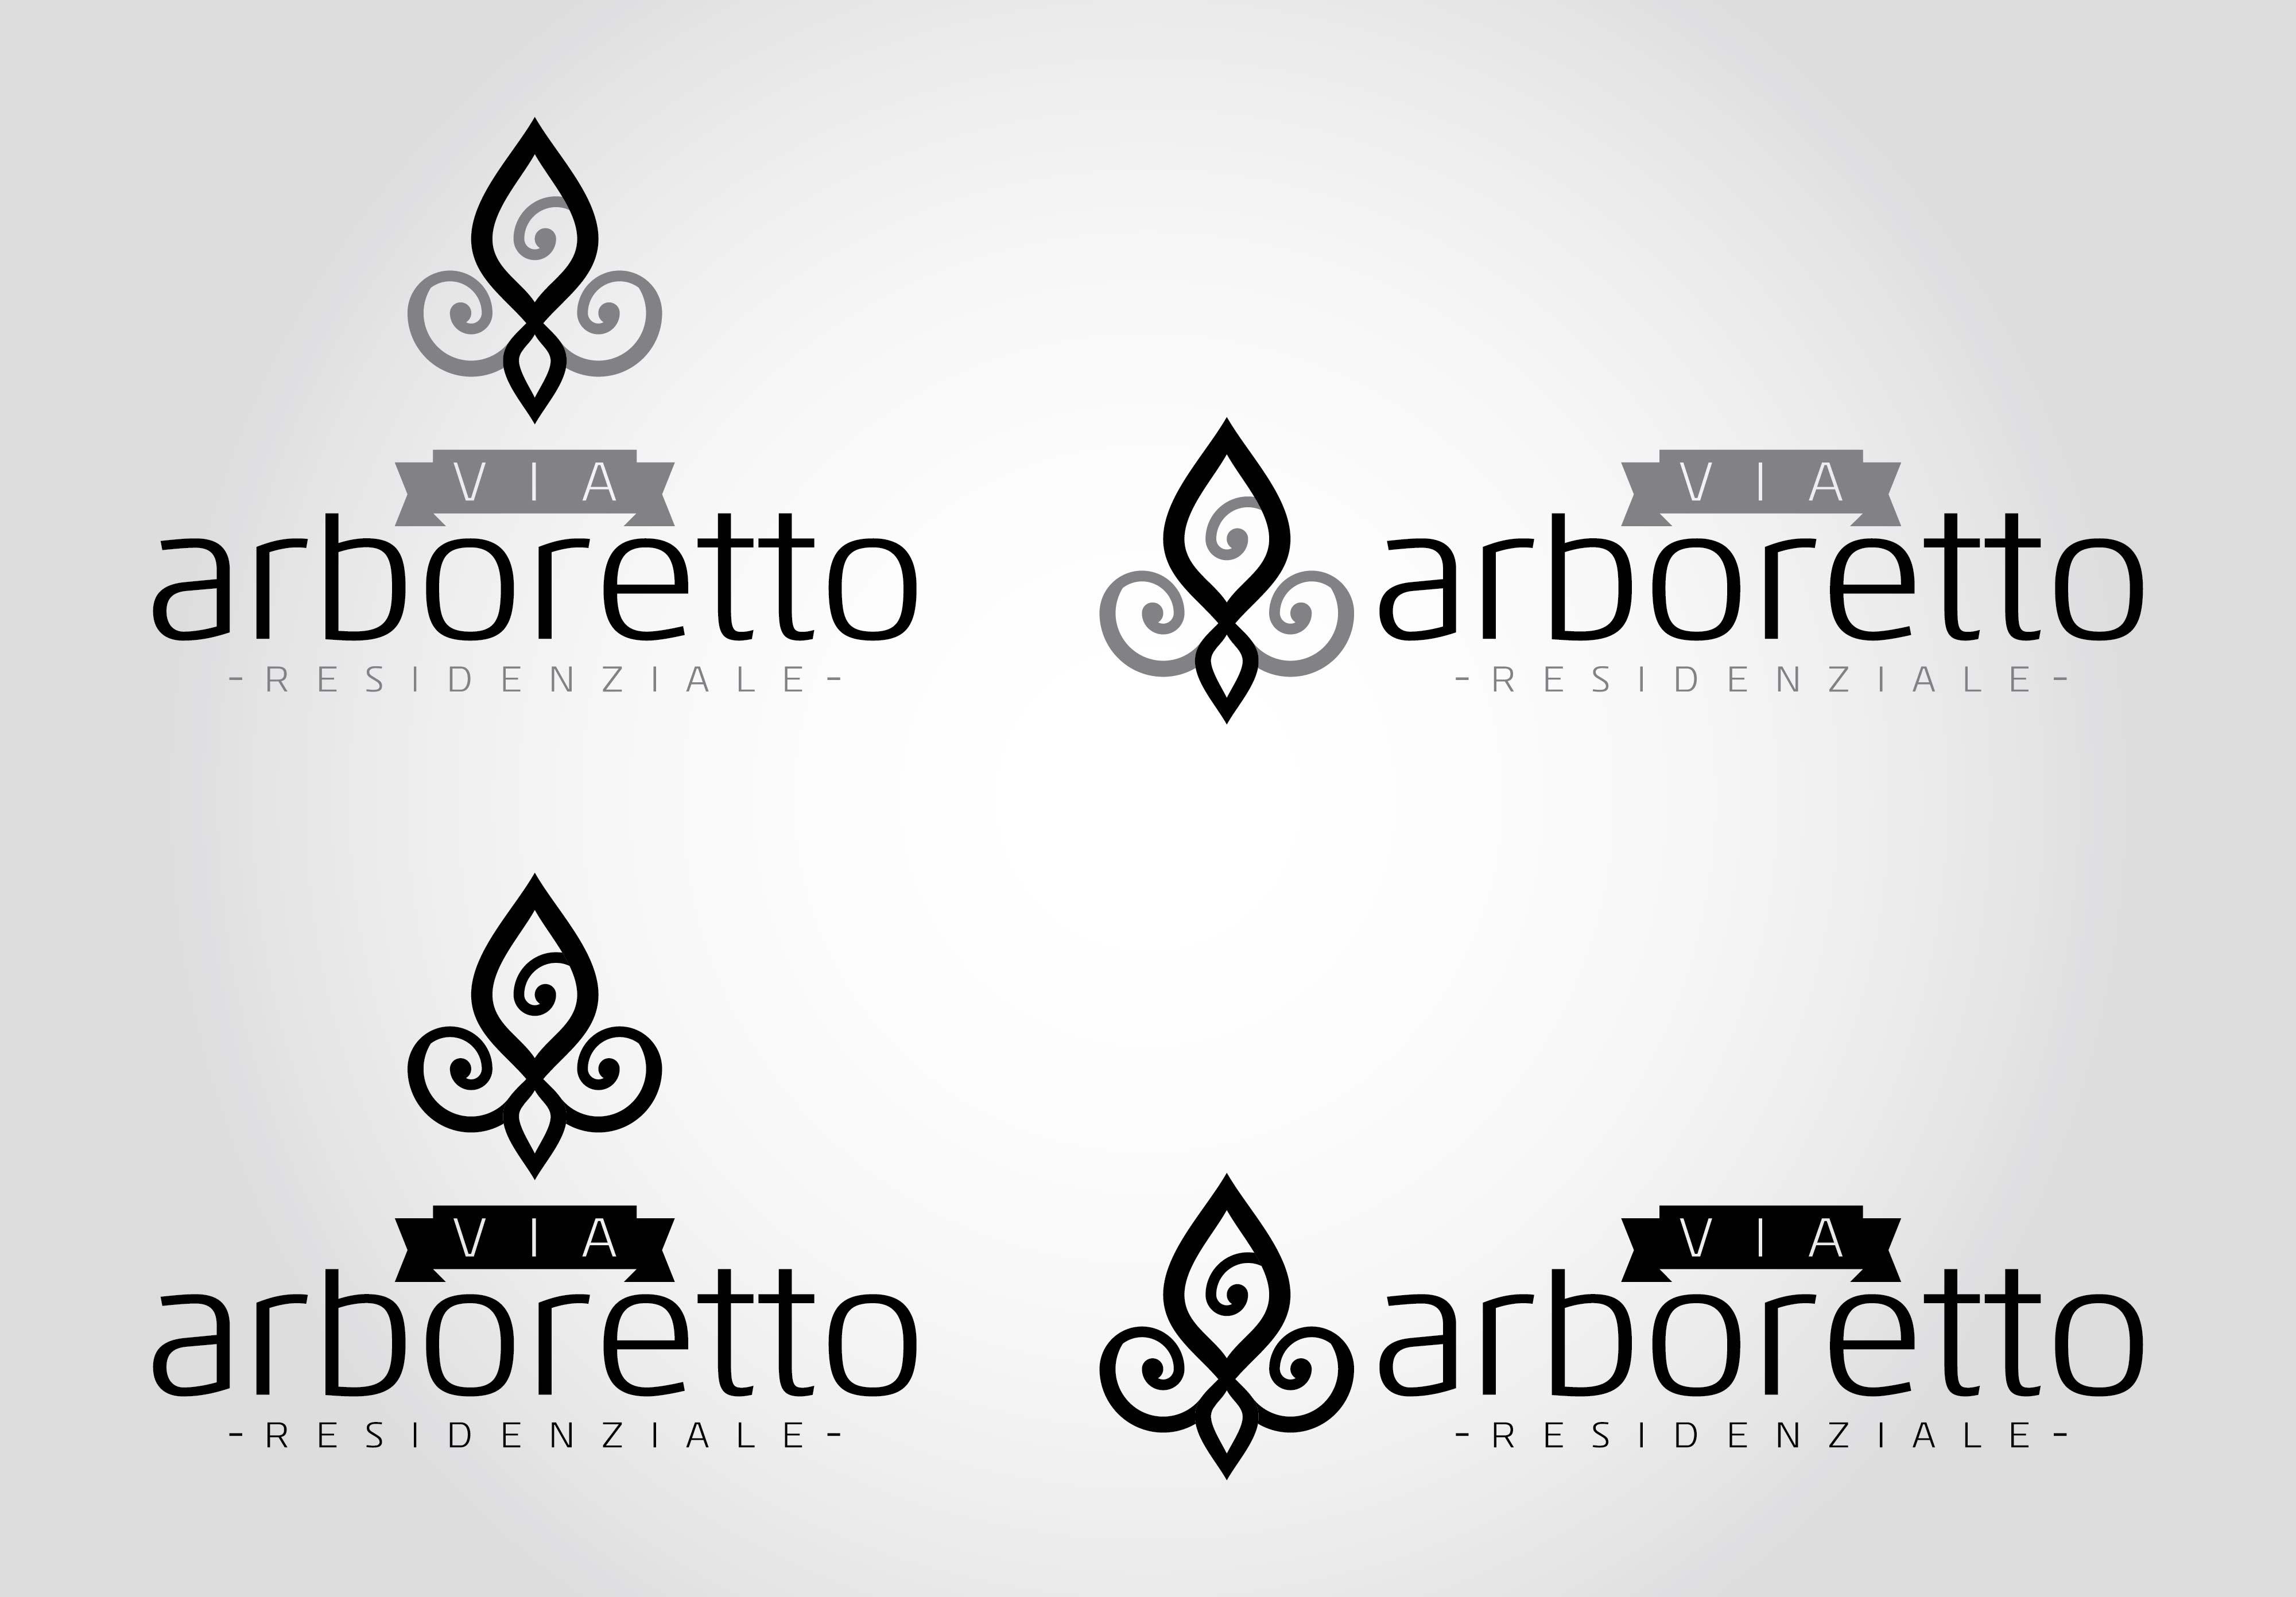 arboretto-03